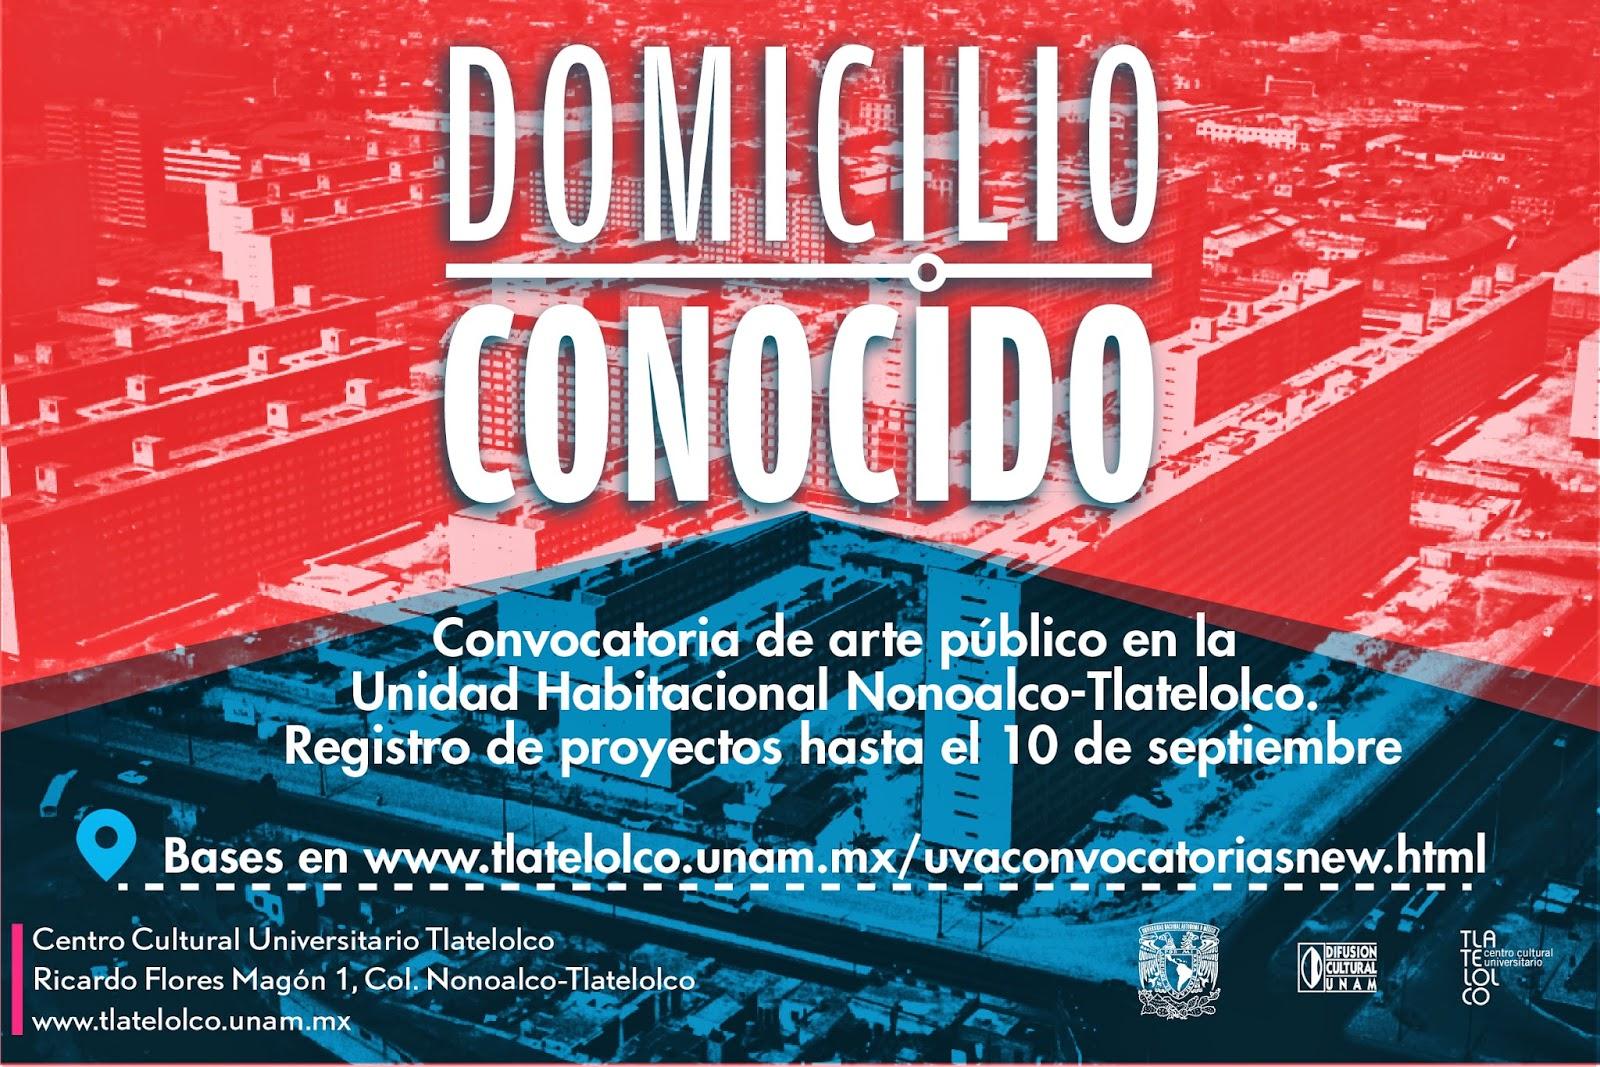 Convocatoria al concurso de arte por los 50 años de la U.H. Nonoalco Tlatelolco